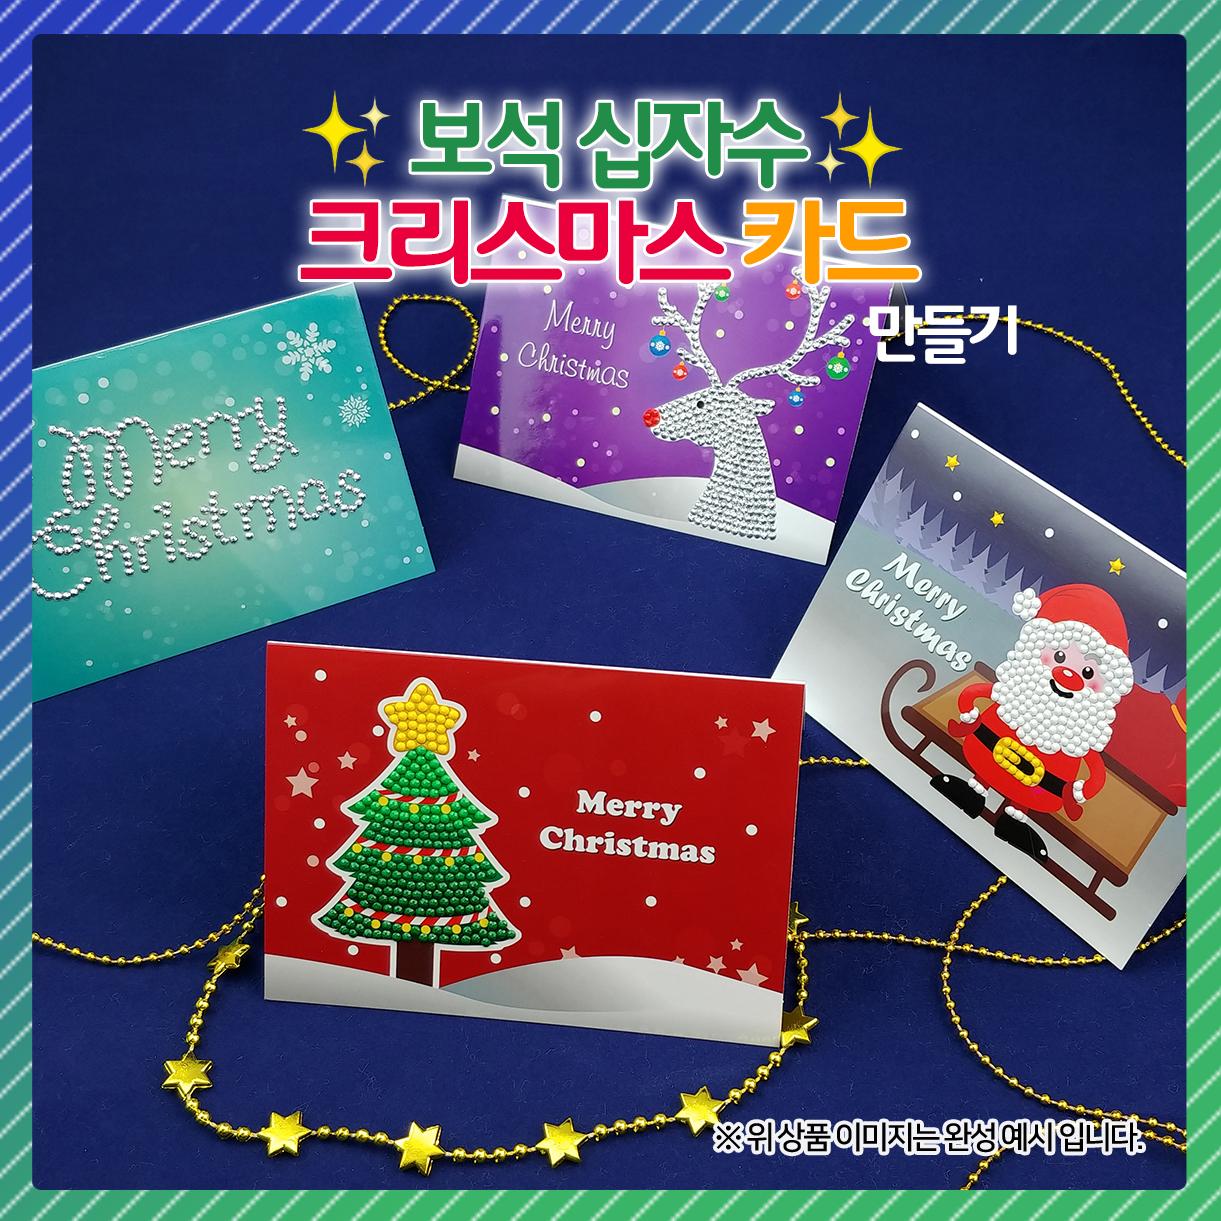 [만들기 공예] 보석십자수 크리스마스카드 만들기(4종)